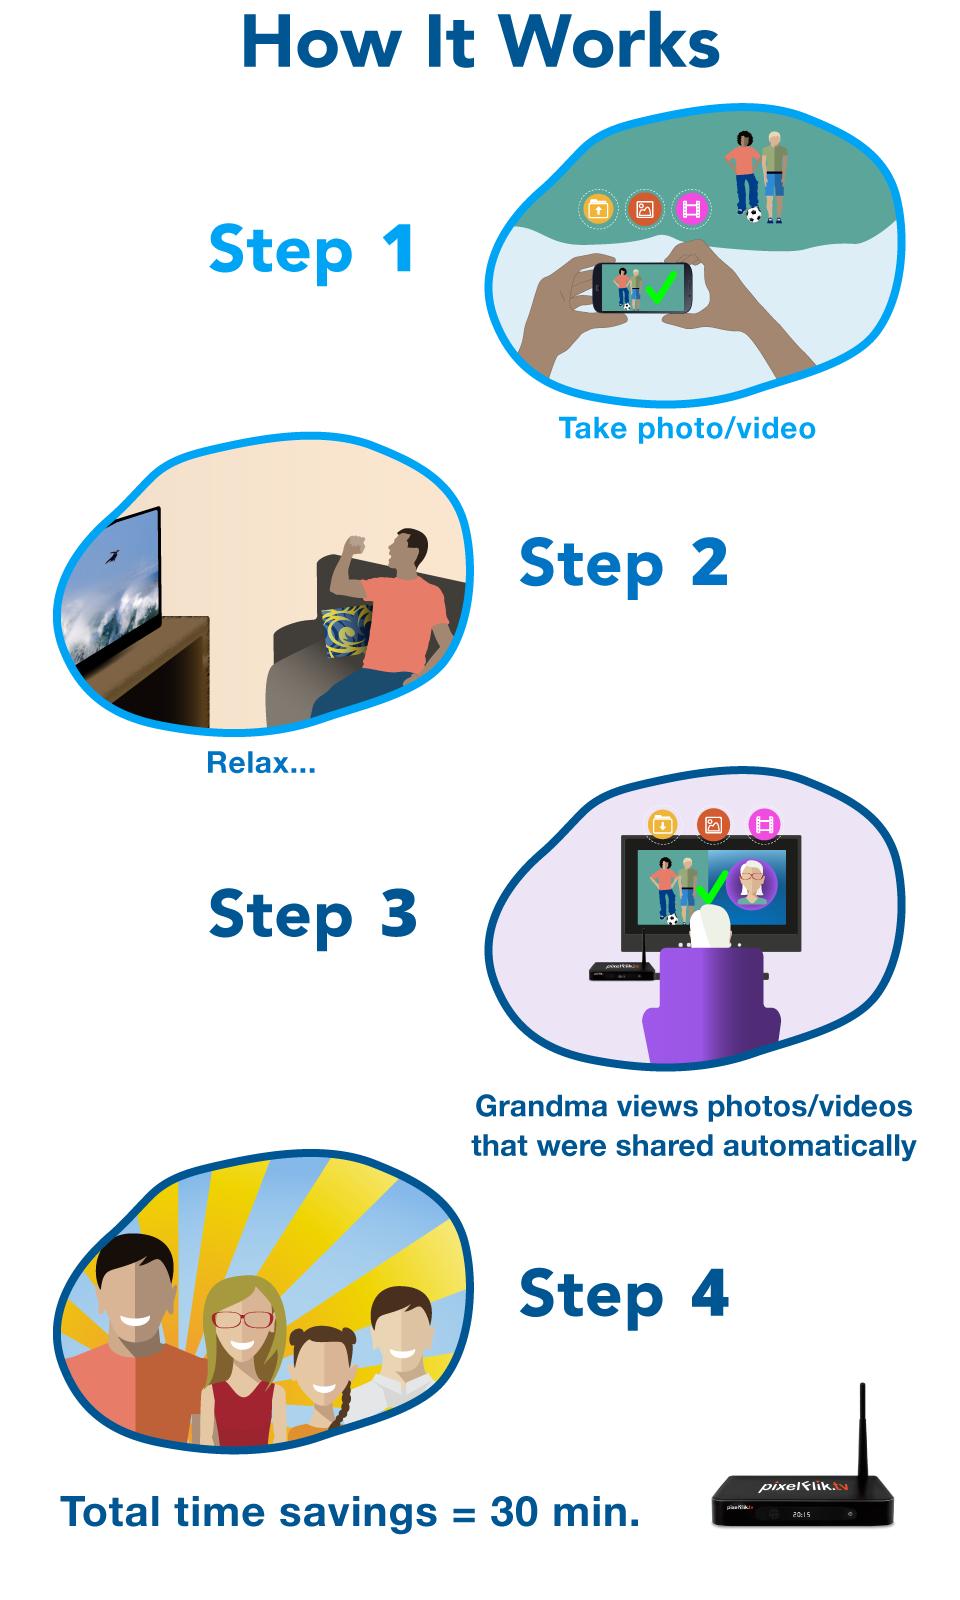 PixelFlik - How It Works Infographic